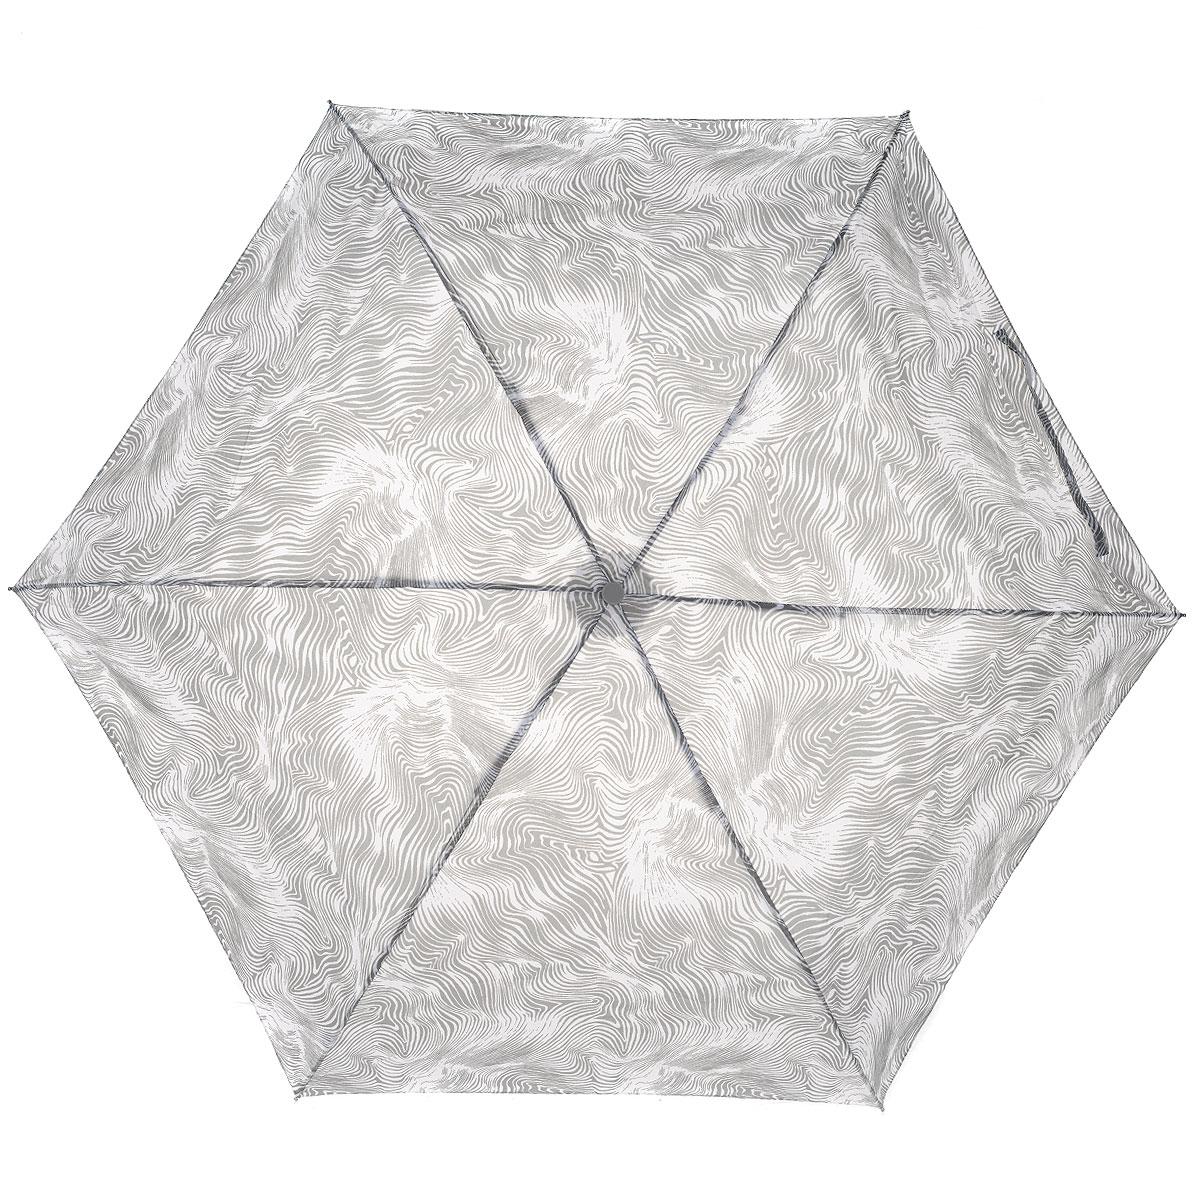 """Зонт женский Fulton Flow, механический, 3 сложения, цвет: серыйL553 4S2754Стильный зонт Fulton """"Flow"""" защитит от непогоды, а его компактный размер позволит вам всегда носить его с собой. """"Ветростойкий"""" алюминиевый каркас в 3 сложения состоит из шести спиц с элементами из фибергласса, зонт оснащен удобной рукояткой из пластика, изготовленной в форме шара. Купол зонта выполнен из прочного полиэстера и оформлен принтом в виде волн. На рукоятке для удобства есть небольшой шнурок-резинка, позволяющий надеть зонт на руку тогда, когда это будет необходимо. К зонту прилагается чехол на липучке. Зонт механического сложения: купол открывается и закрывается вручную, стержень также складывается вручную до характерного щелчка. Компактный зонт диаметром 3 см в закрытом виде. Ветроустойчивый алюминиевый каркас в 3 сложения, 6 спиц с элементами из фибергласса, материал купола - полиэстер, диаметр купола - 86см. Длина зонта в сложенном виде - 22 см. Вес 138 гр."""